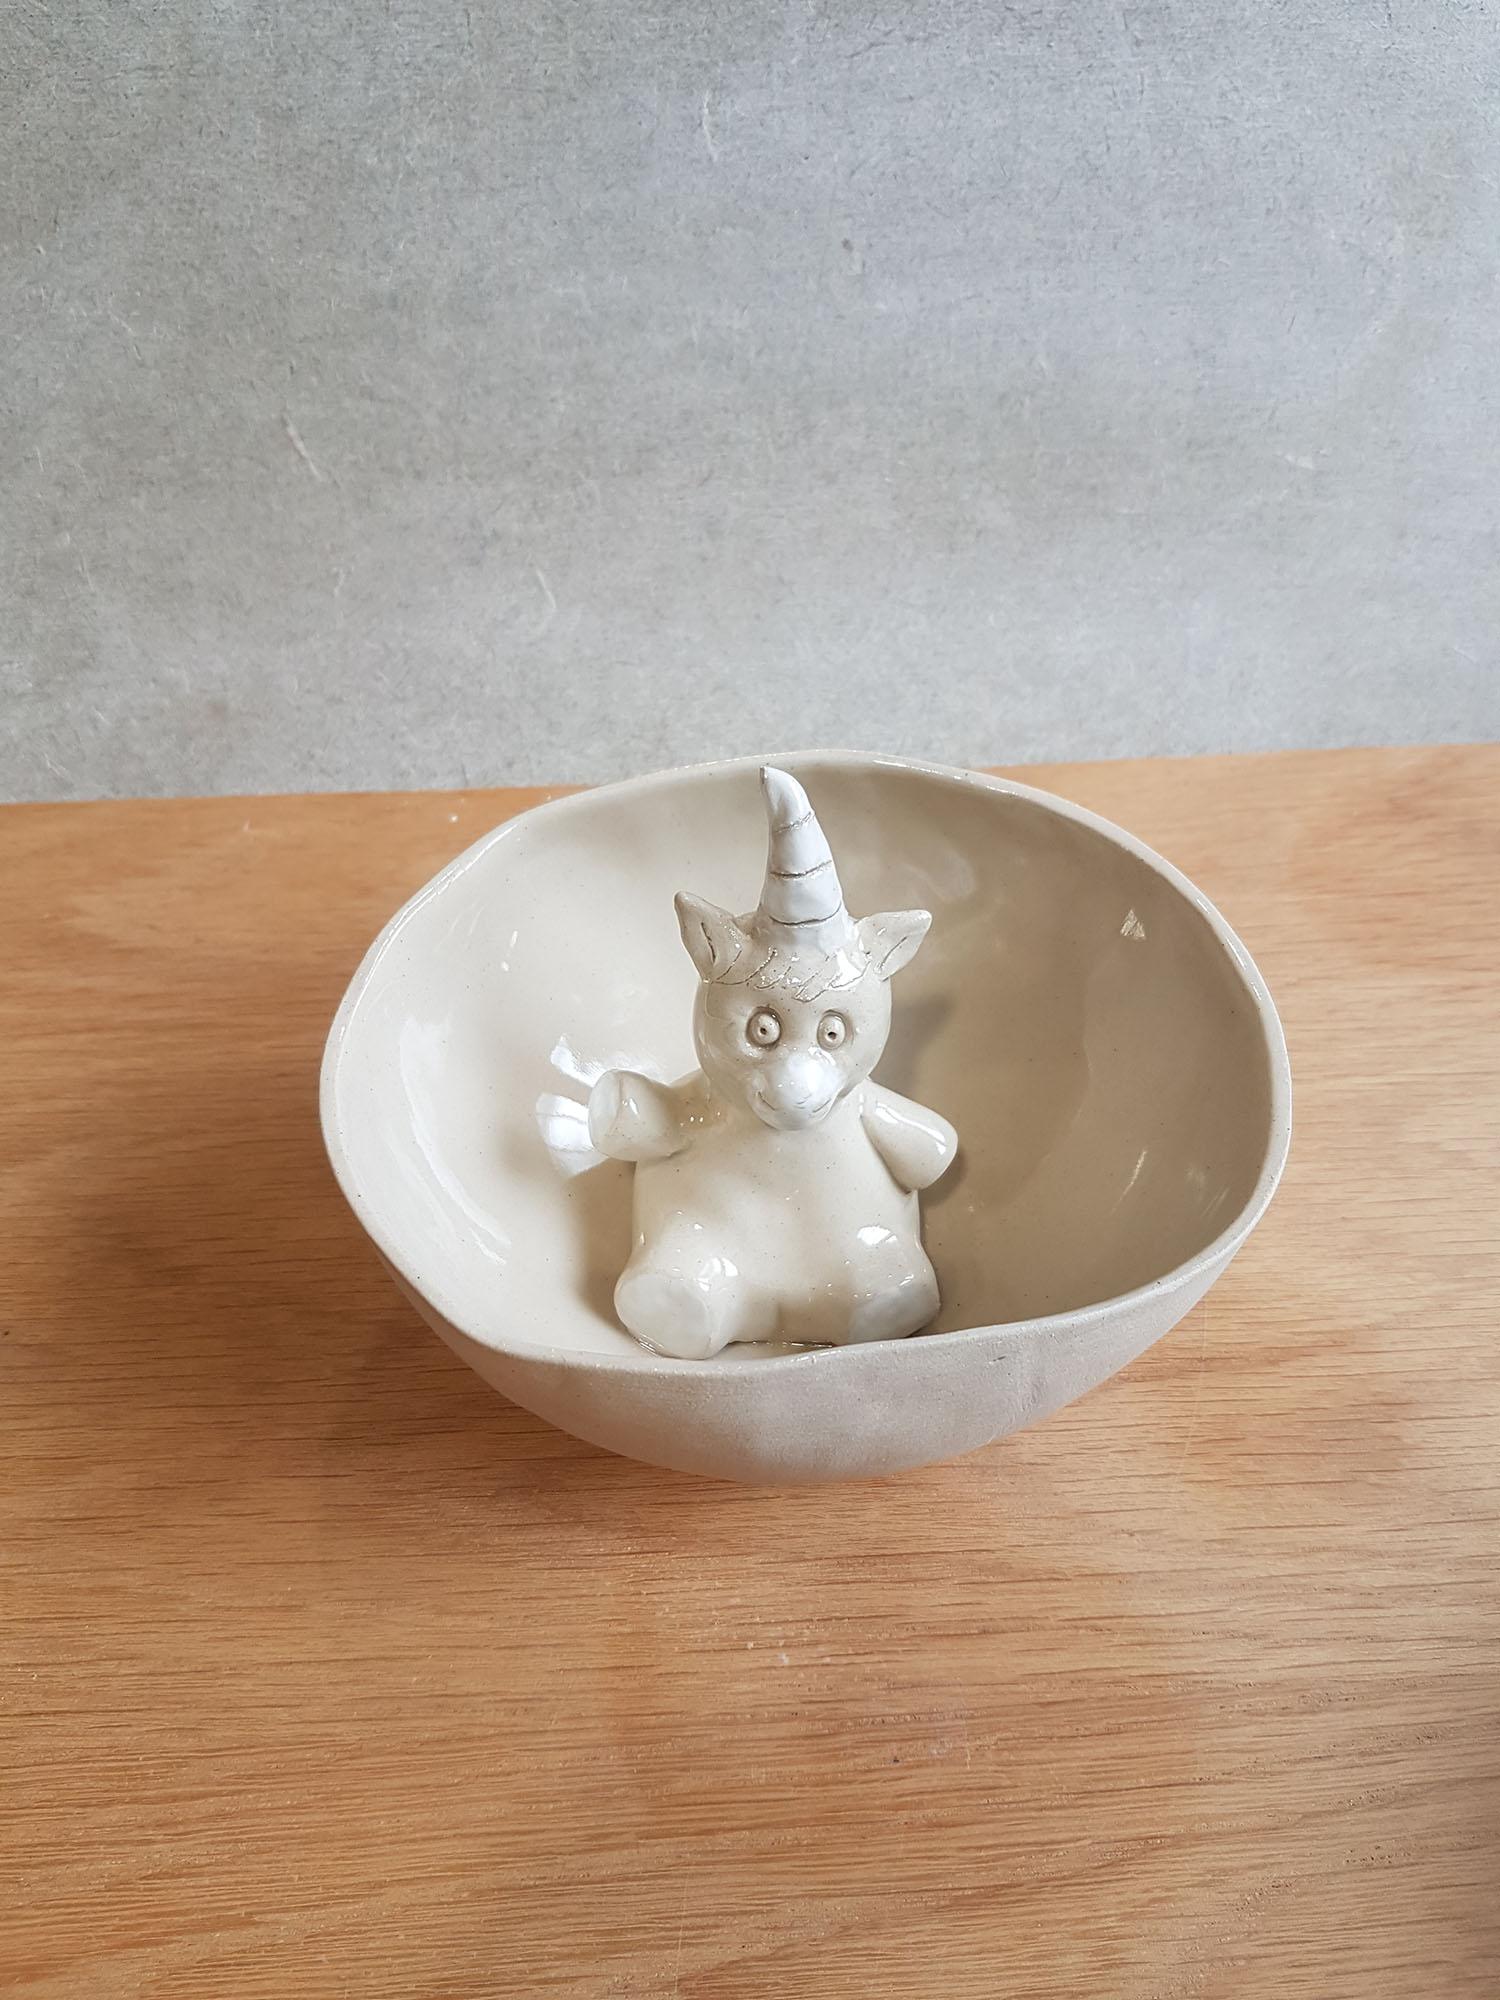 2019 - Stage ceramique bol habite 5.jpg